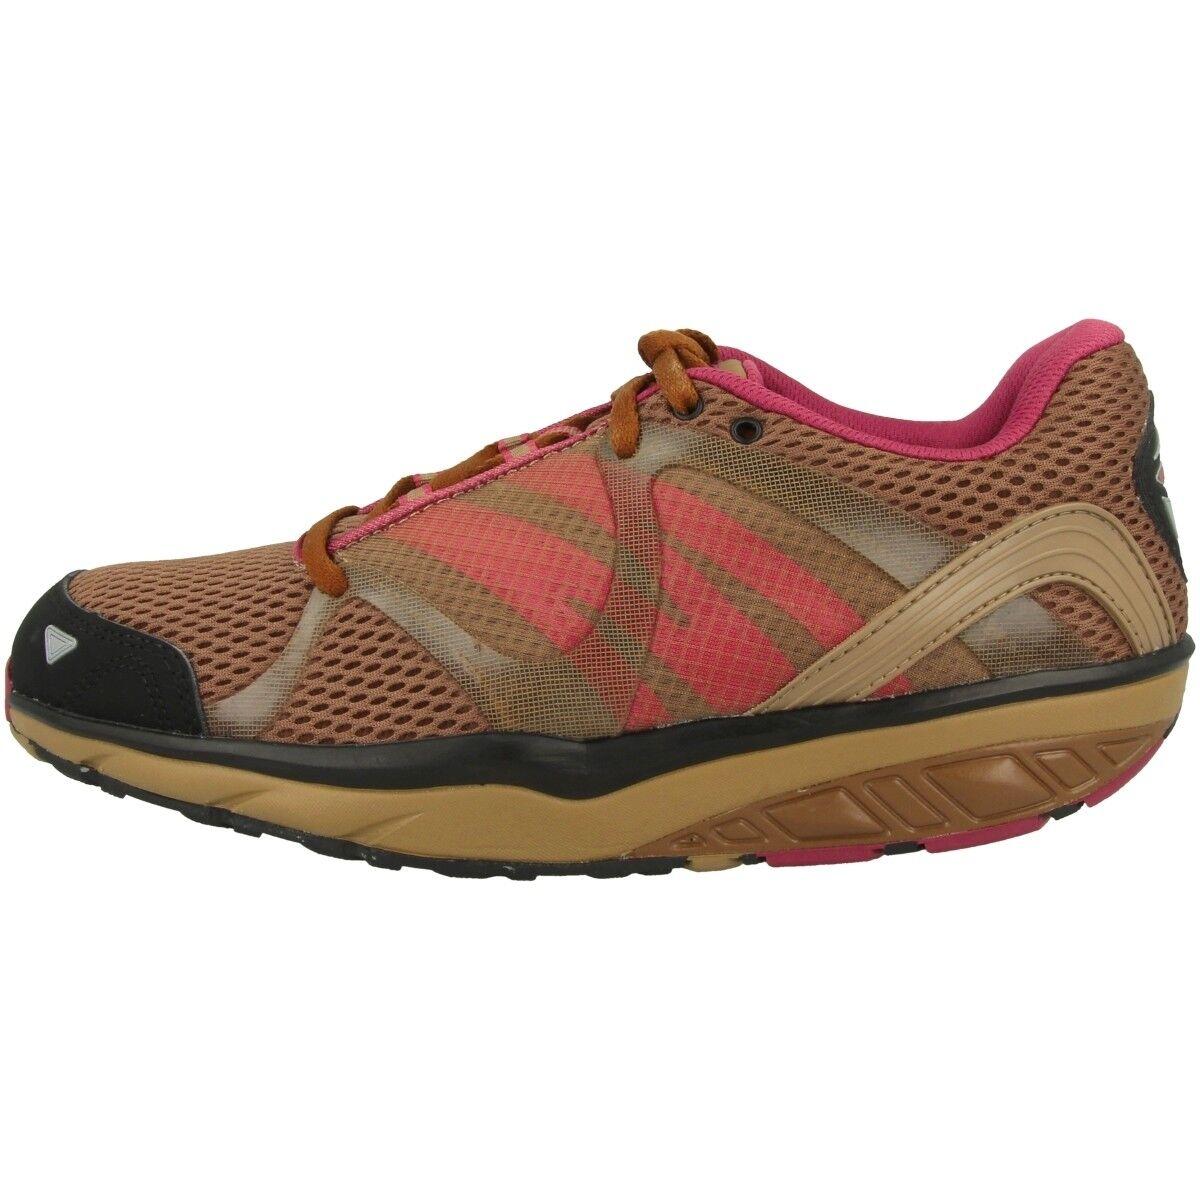 MBT leasha leasha leasha Trail 5 Lace Up mujer zapatos señora zapatos de salud 700671-220y  estilo clásico